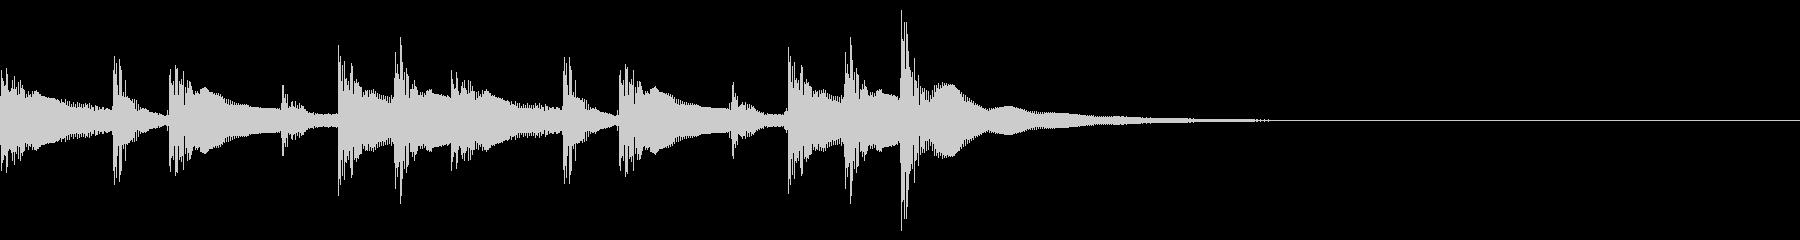 コンガ ボンゴ リフ2 キューバ の未再生の波形